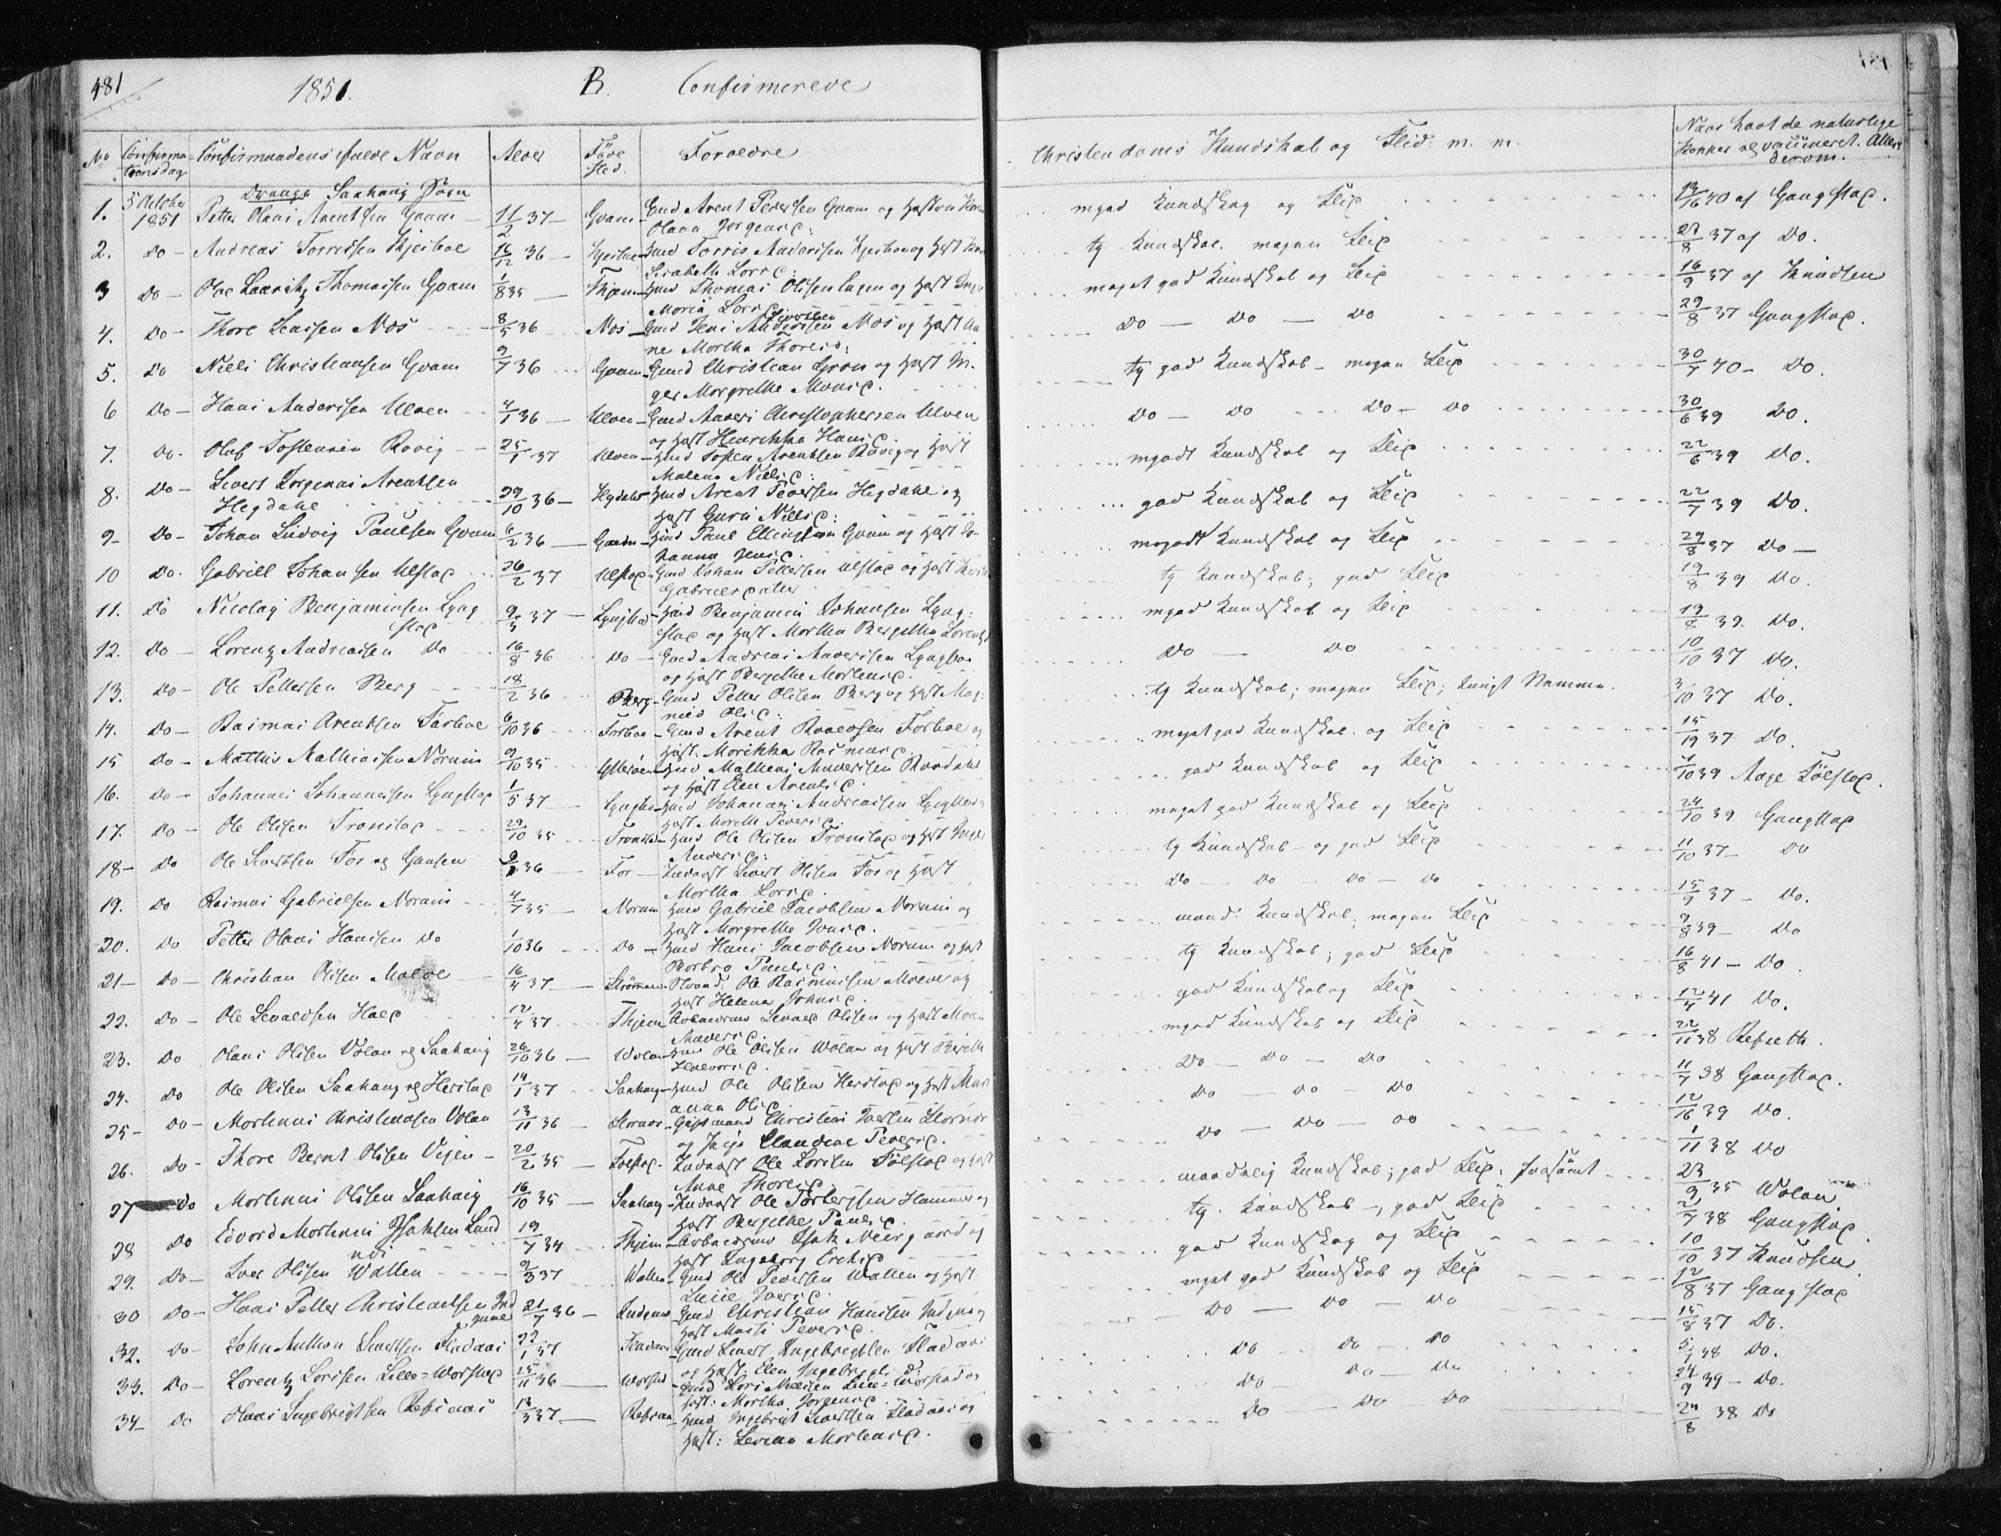 SAT, Ministerialprotokoller, klokkerbøker og fødselsregistre - Nord-Trøndelag, 730/L0280: Ministerialbok nr. 730A07 /1, 1840-1854, s. 481